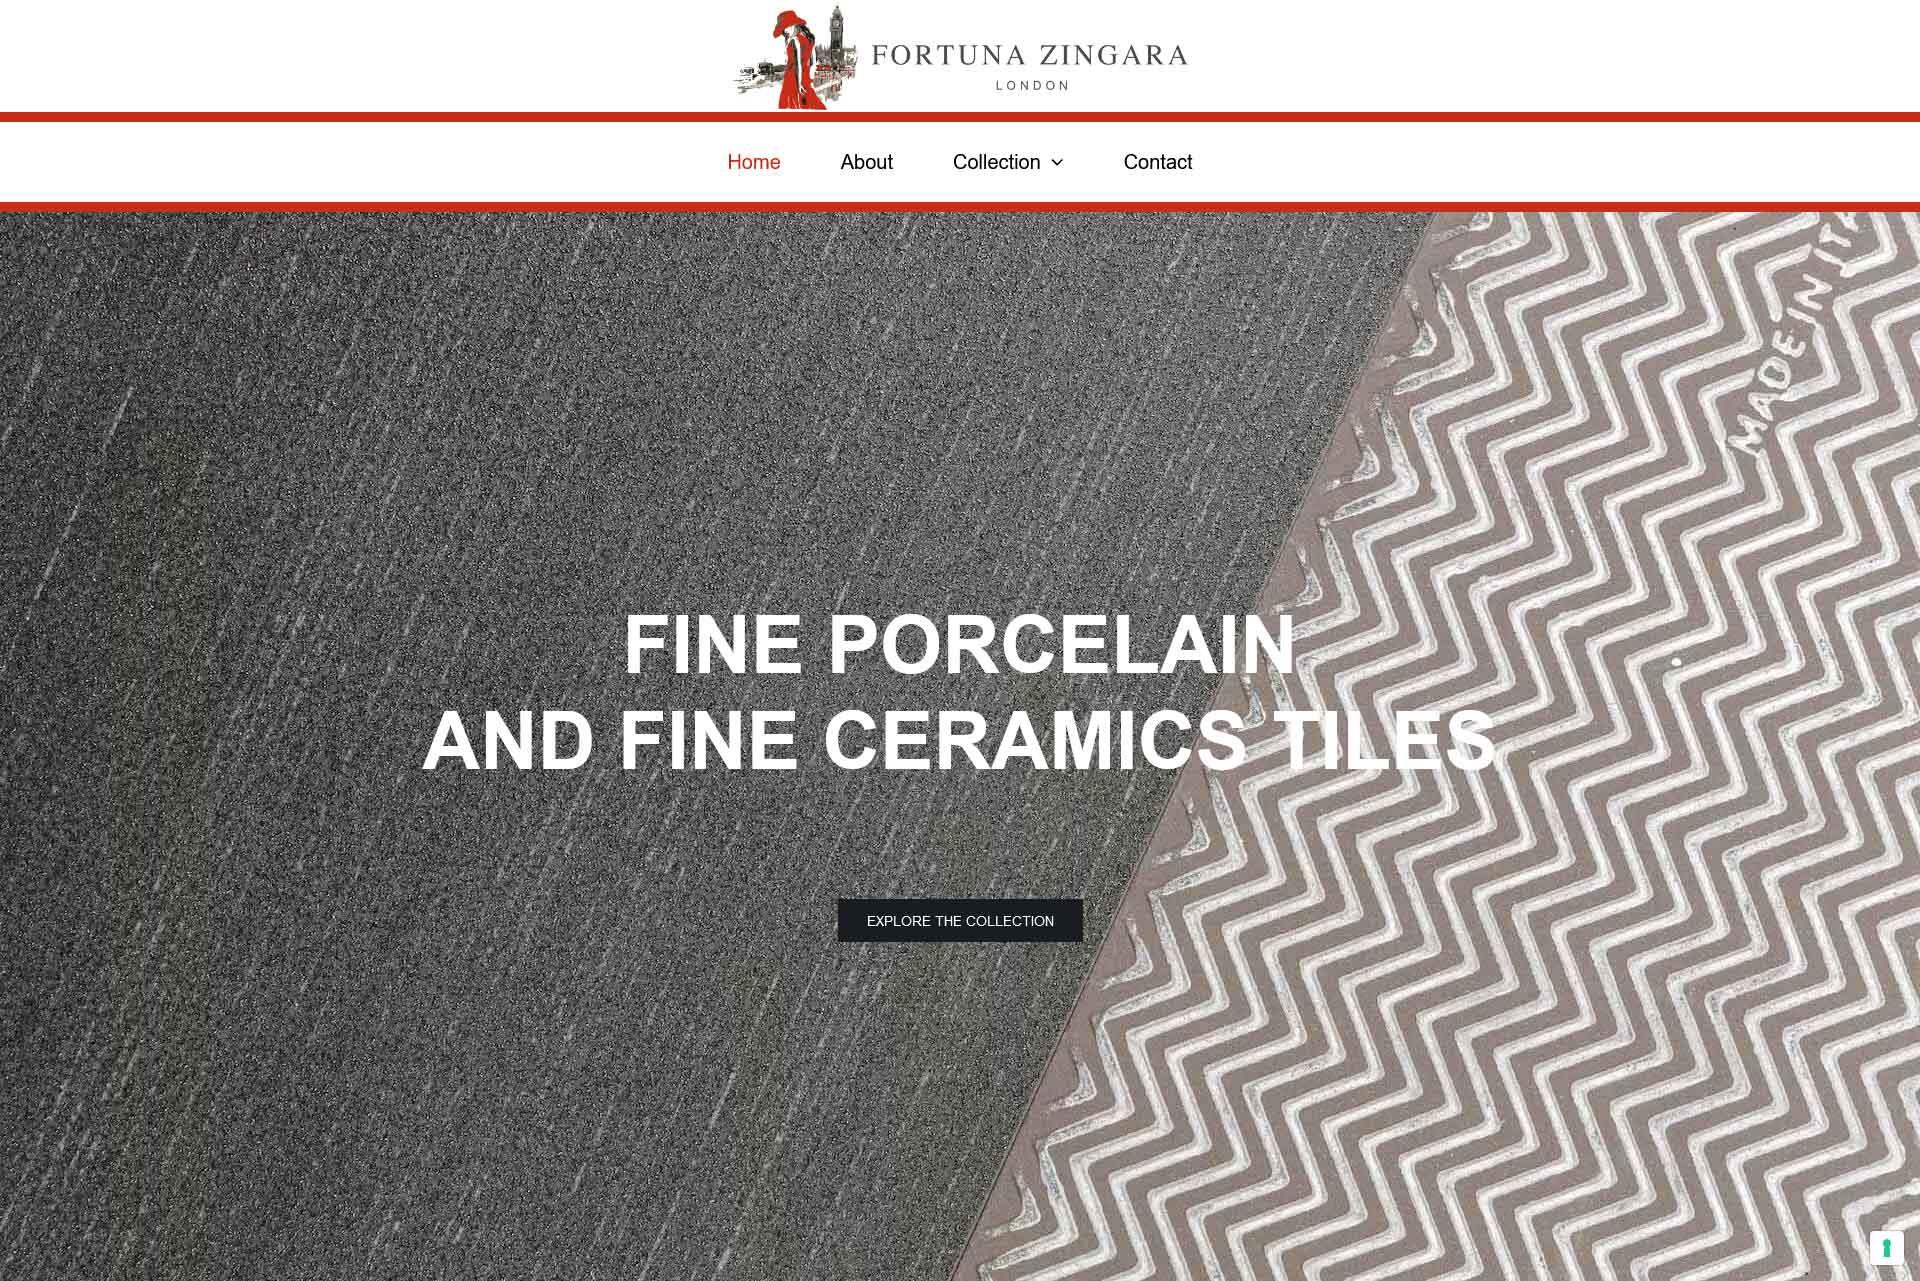 lv-design-realizzazione-siti-web-bologna-portfolio-fortuna-zingara-slide-1